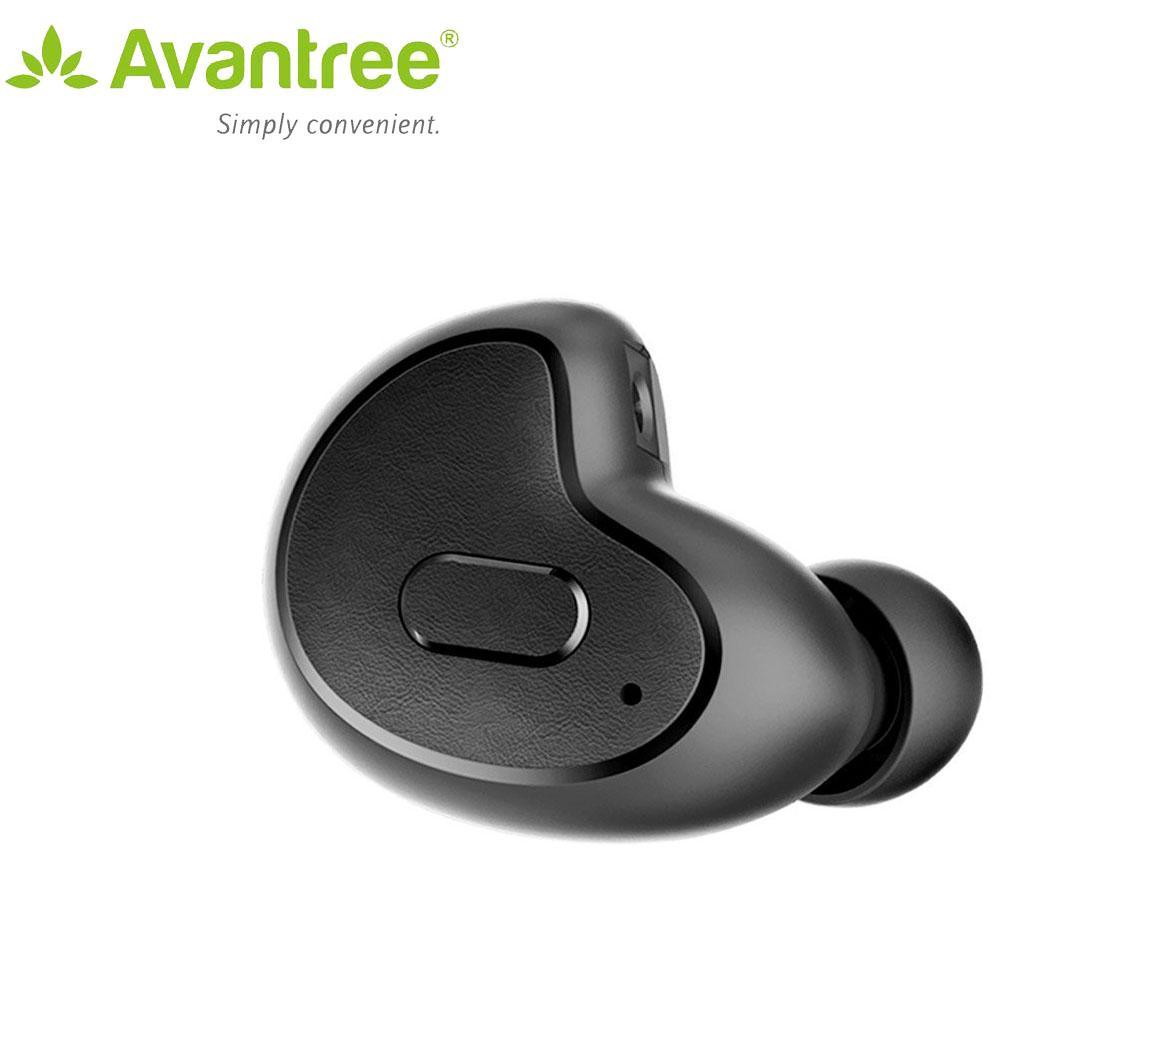 Bán Tai Nghe Khong Day Bluetooth 4 1 Nhỏ Gọn Avantree Apico Bths Ah8M A1859 Mau Đen